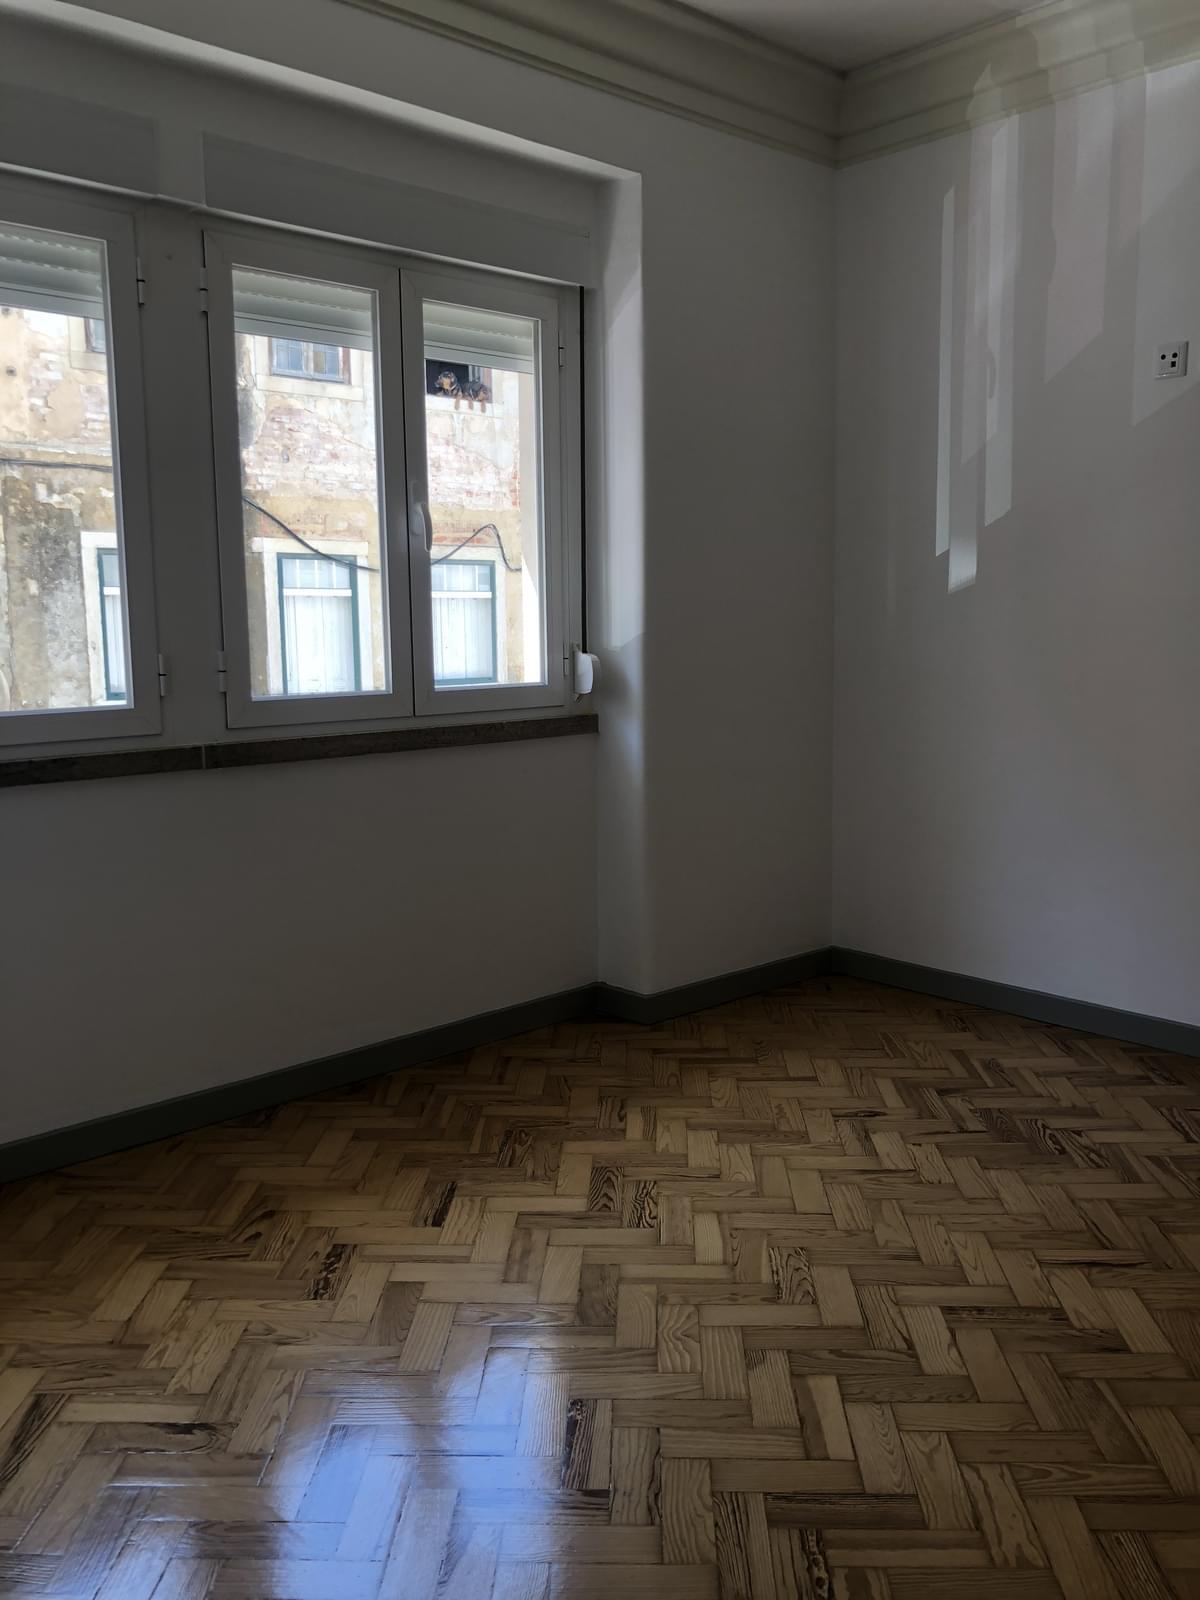 pf17234-apartamento-t3-lisboa-53d31cd8-fba1-4223-9e3b-3a1054712687